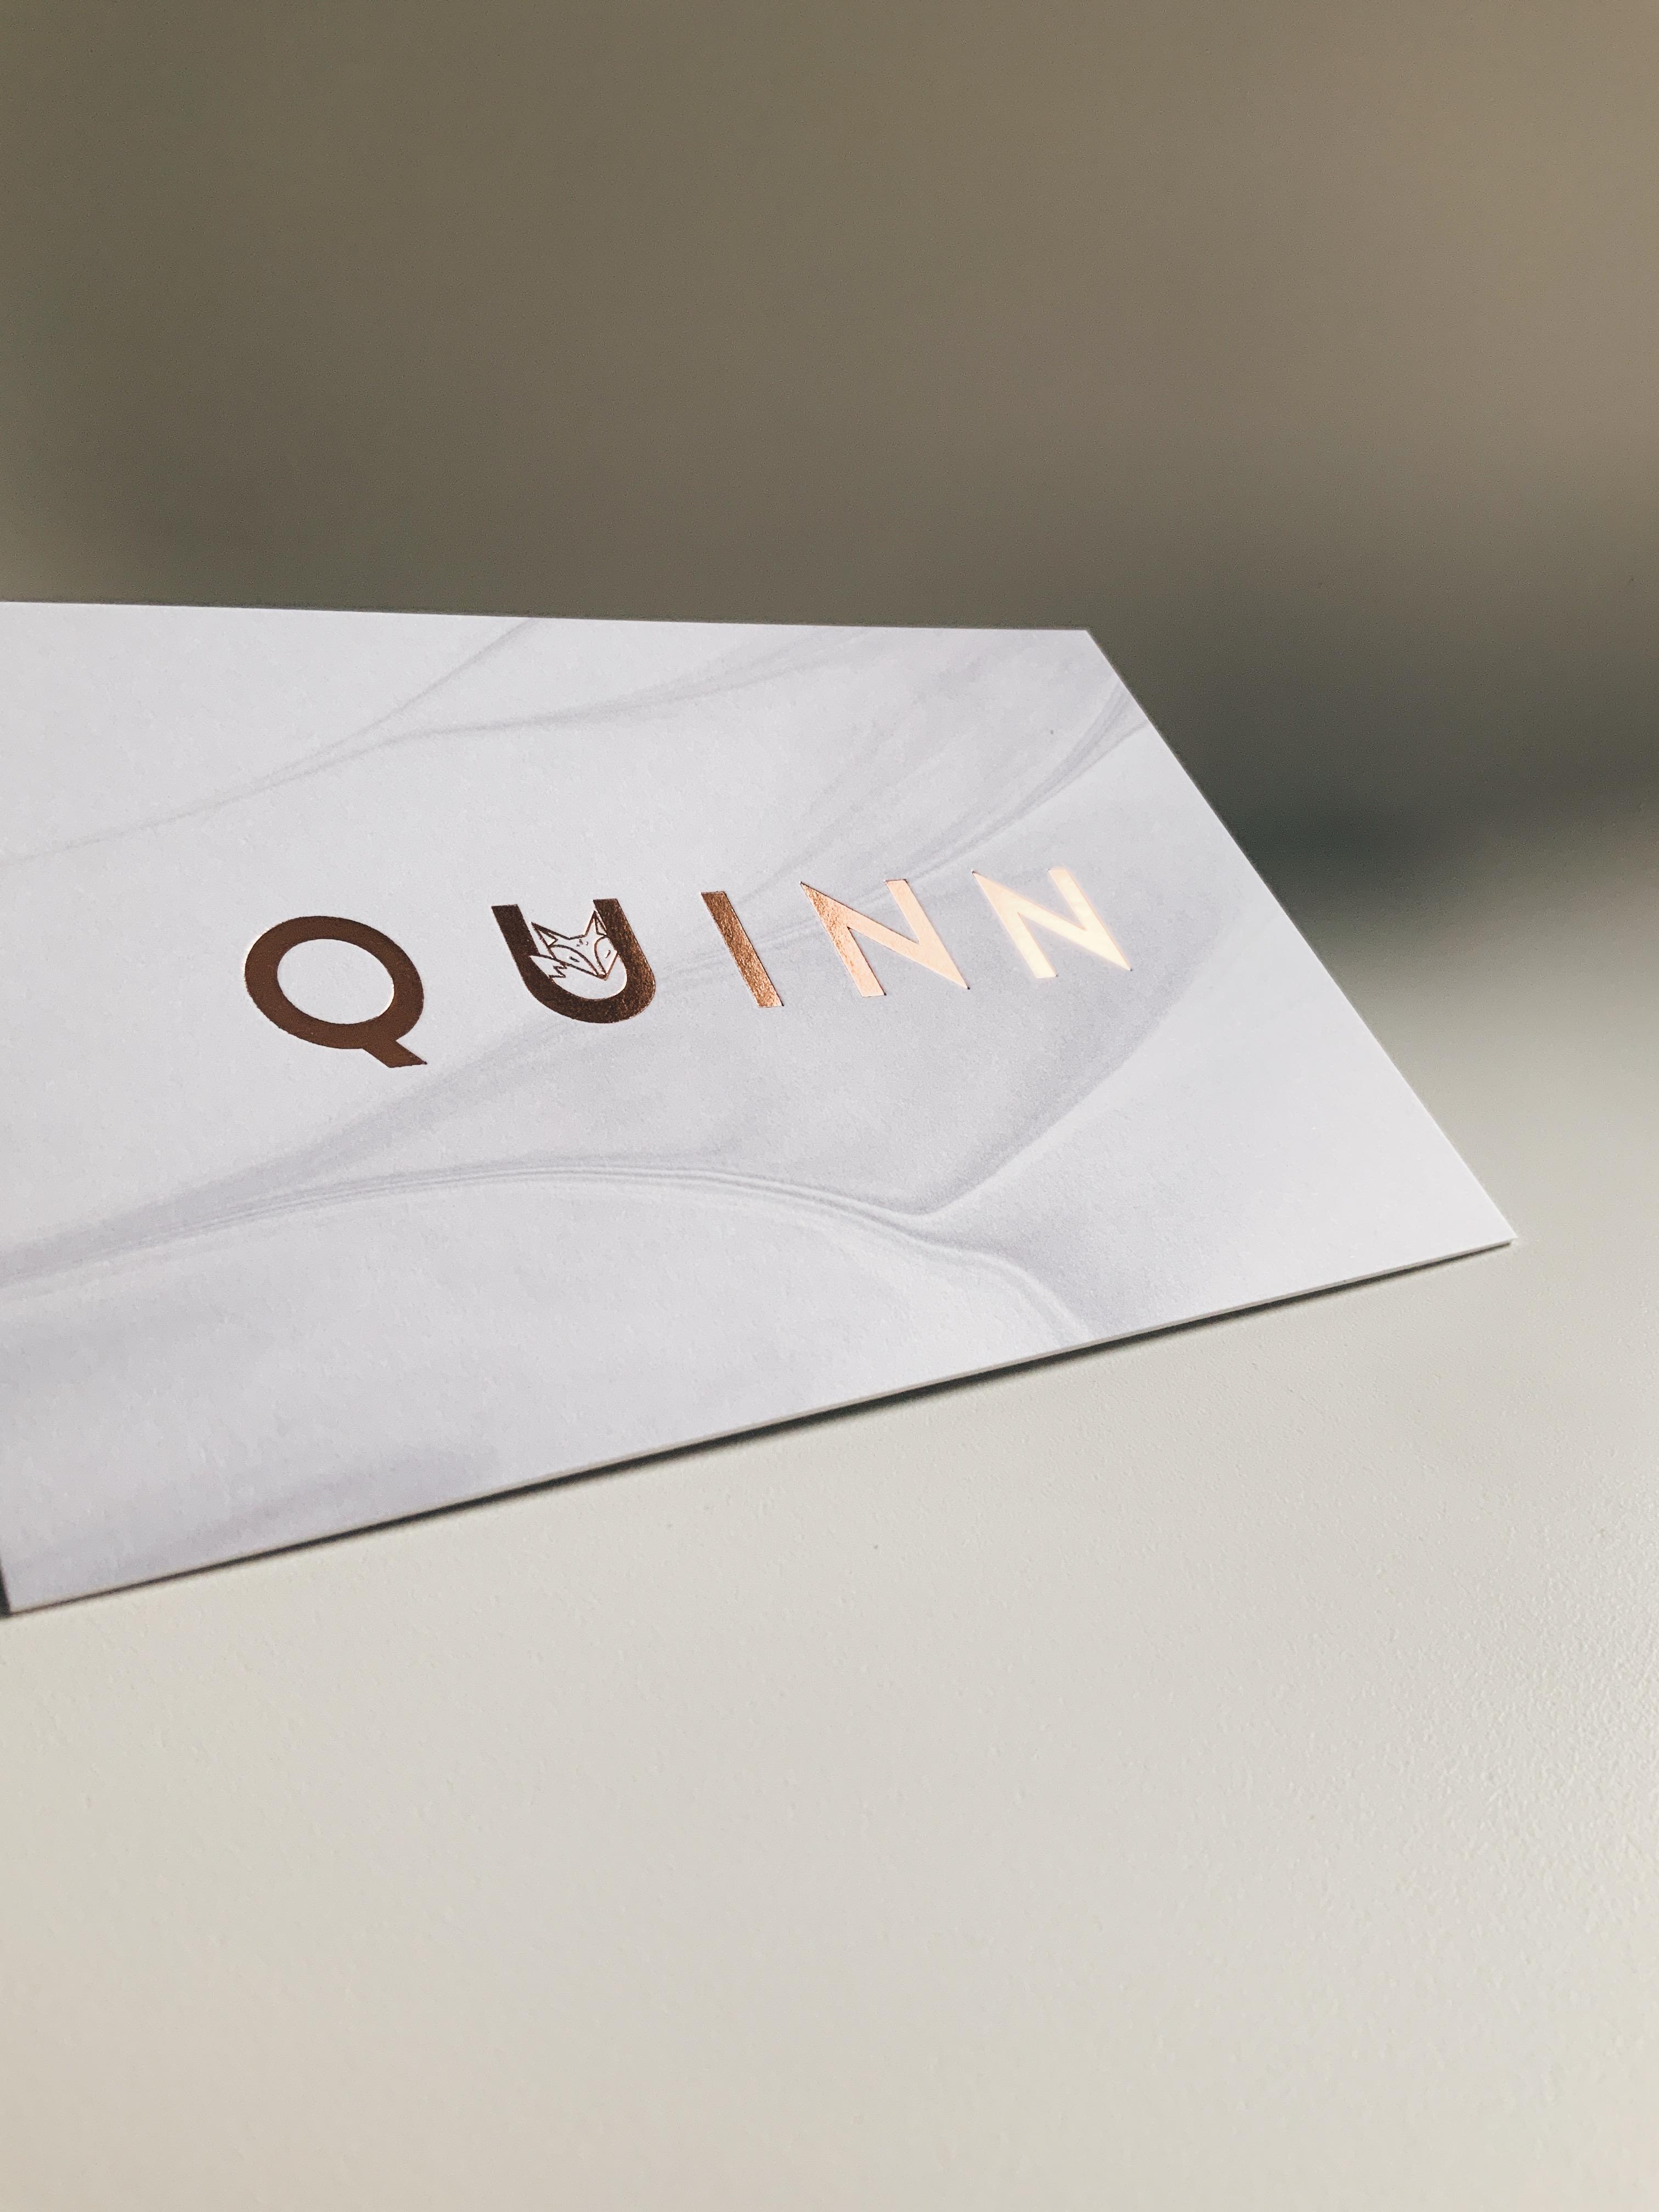 Geboortekaartje Quinn met vosje - foliedruk rose goud - meisje